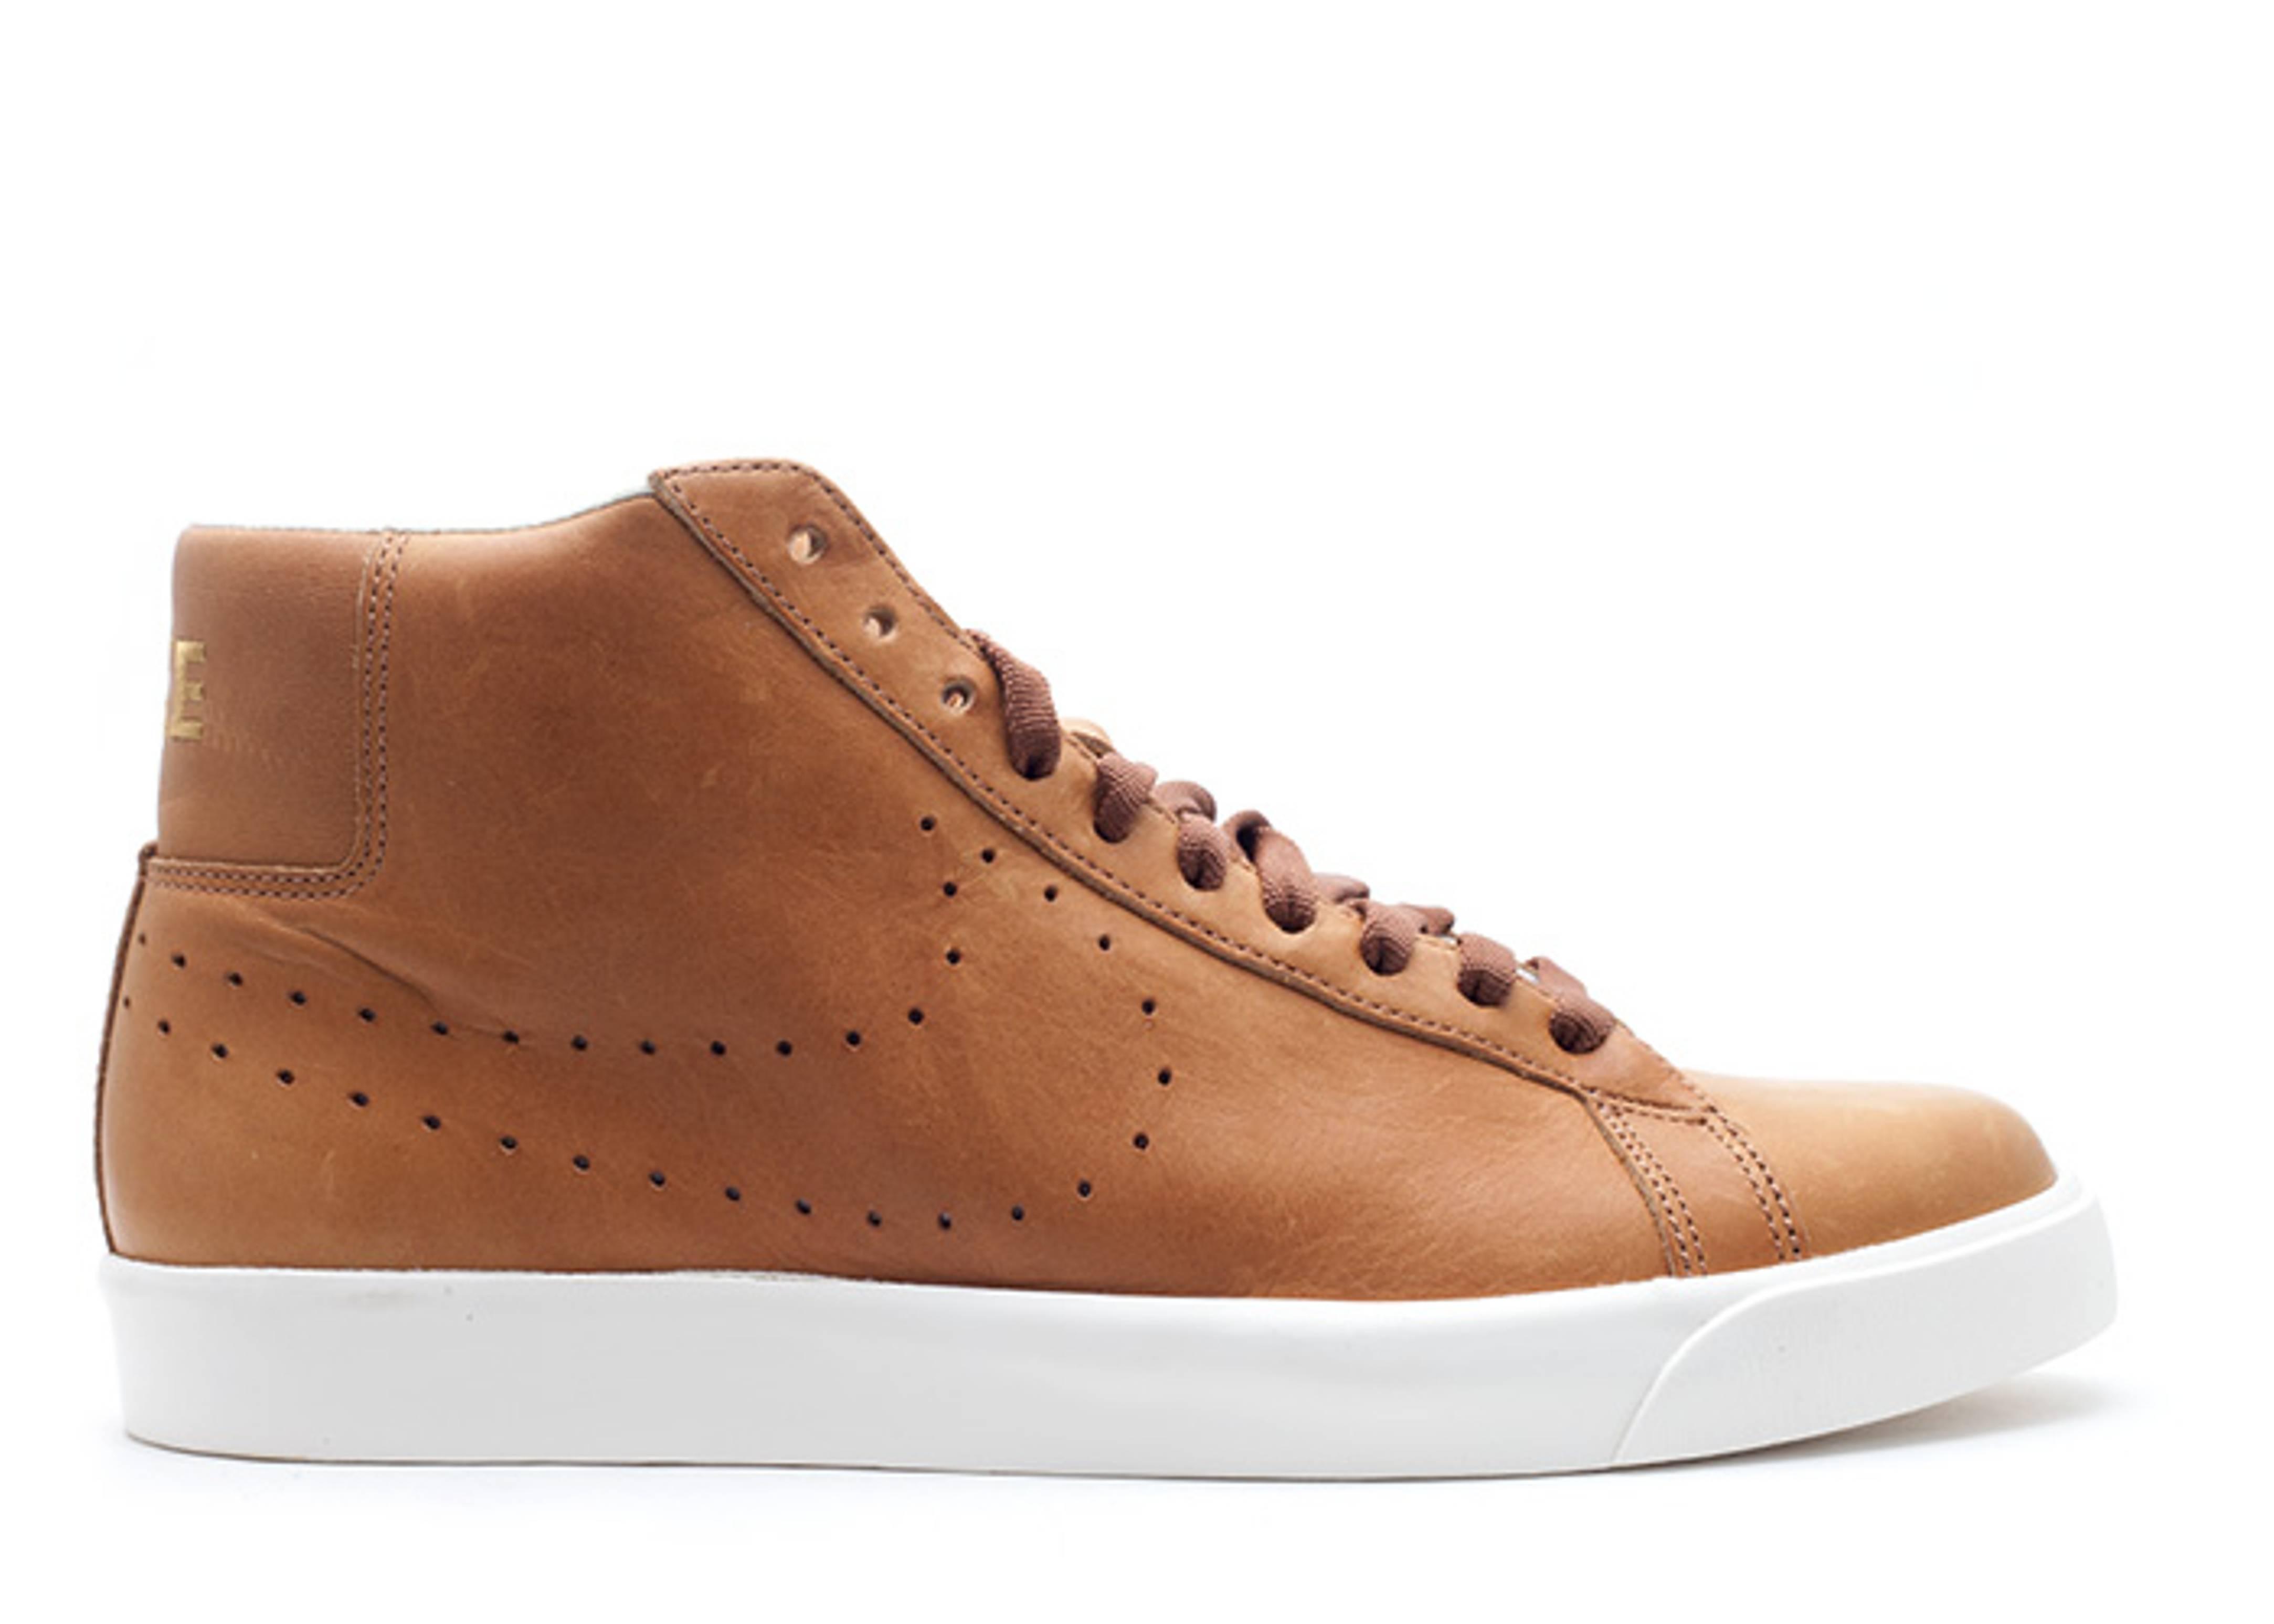 Nike Blazer Suprême Mi Tza Boutique en ligne 0dEs10K